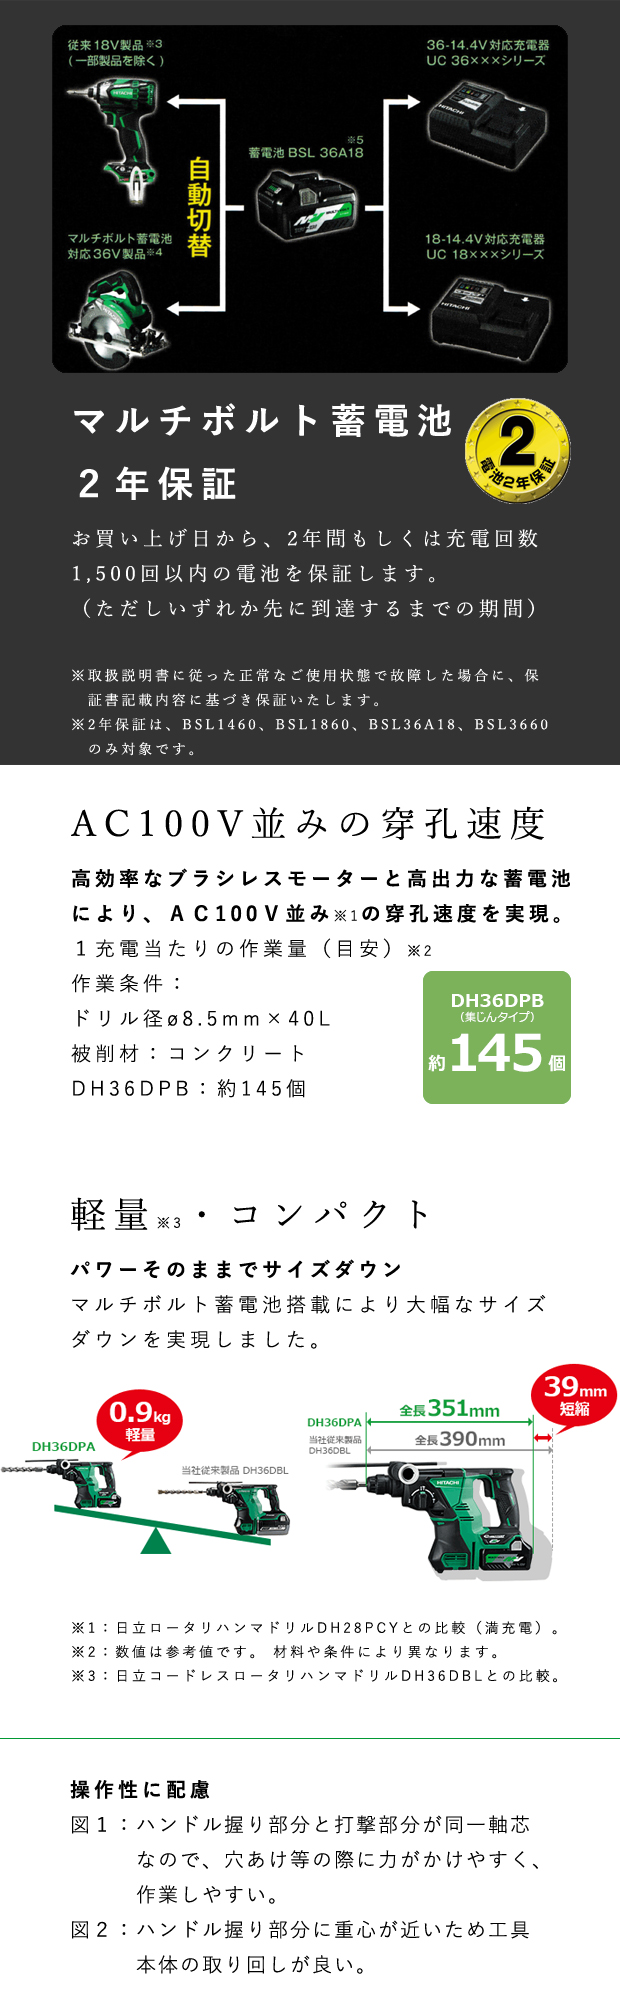 日立 マルチボルト コードレスロータリハンマドリル DH36DPB